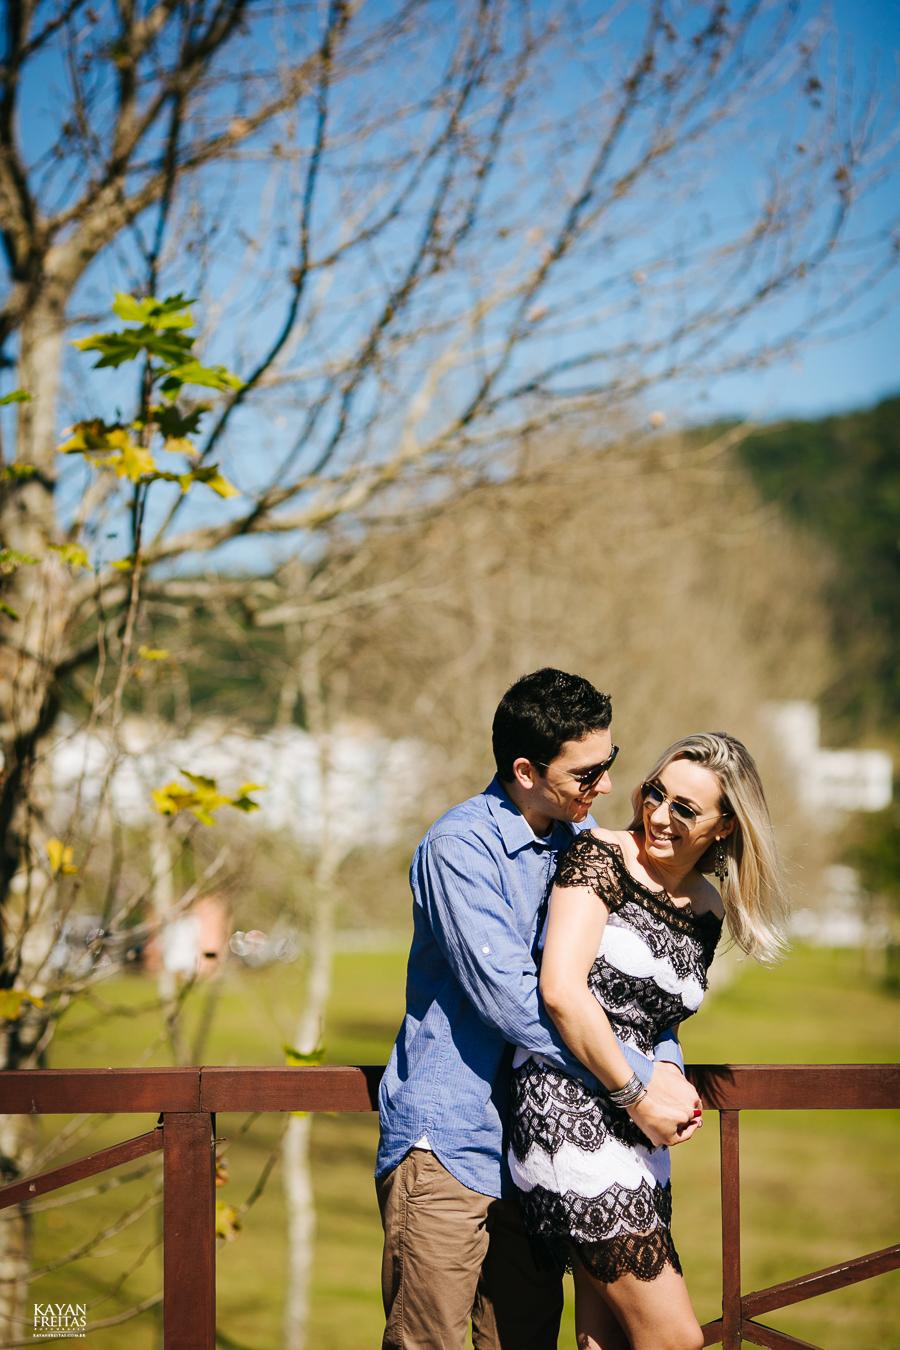 debora-bruno-precasamento-0024 Sessão pré casamento - Débora e Bruno - Pedra Branca